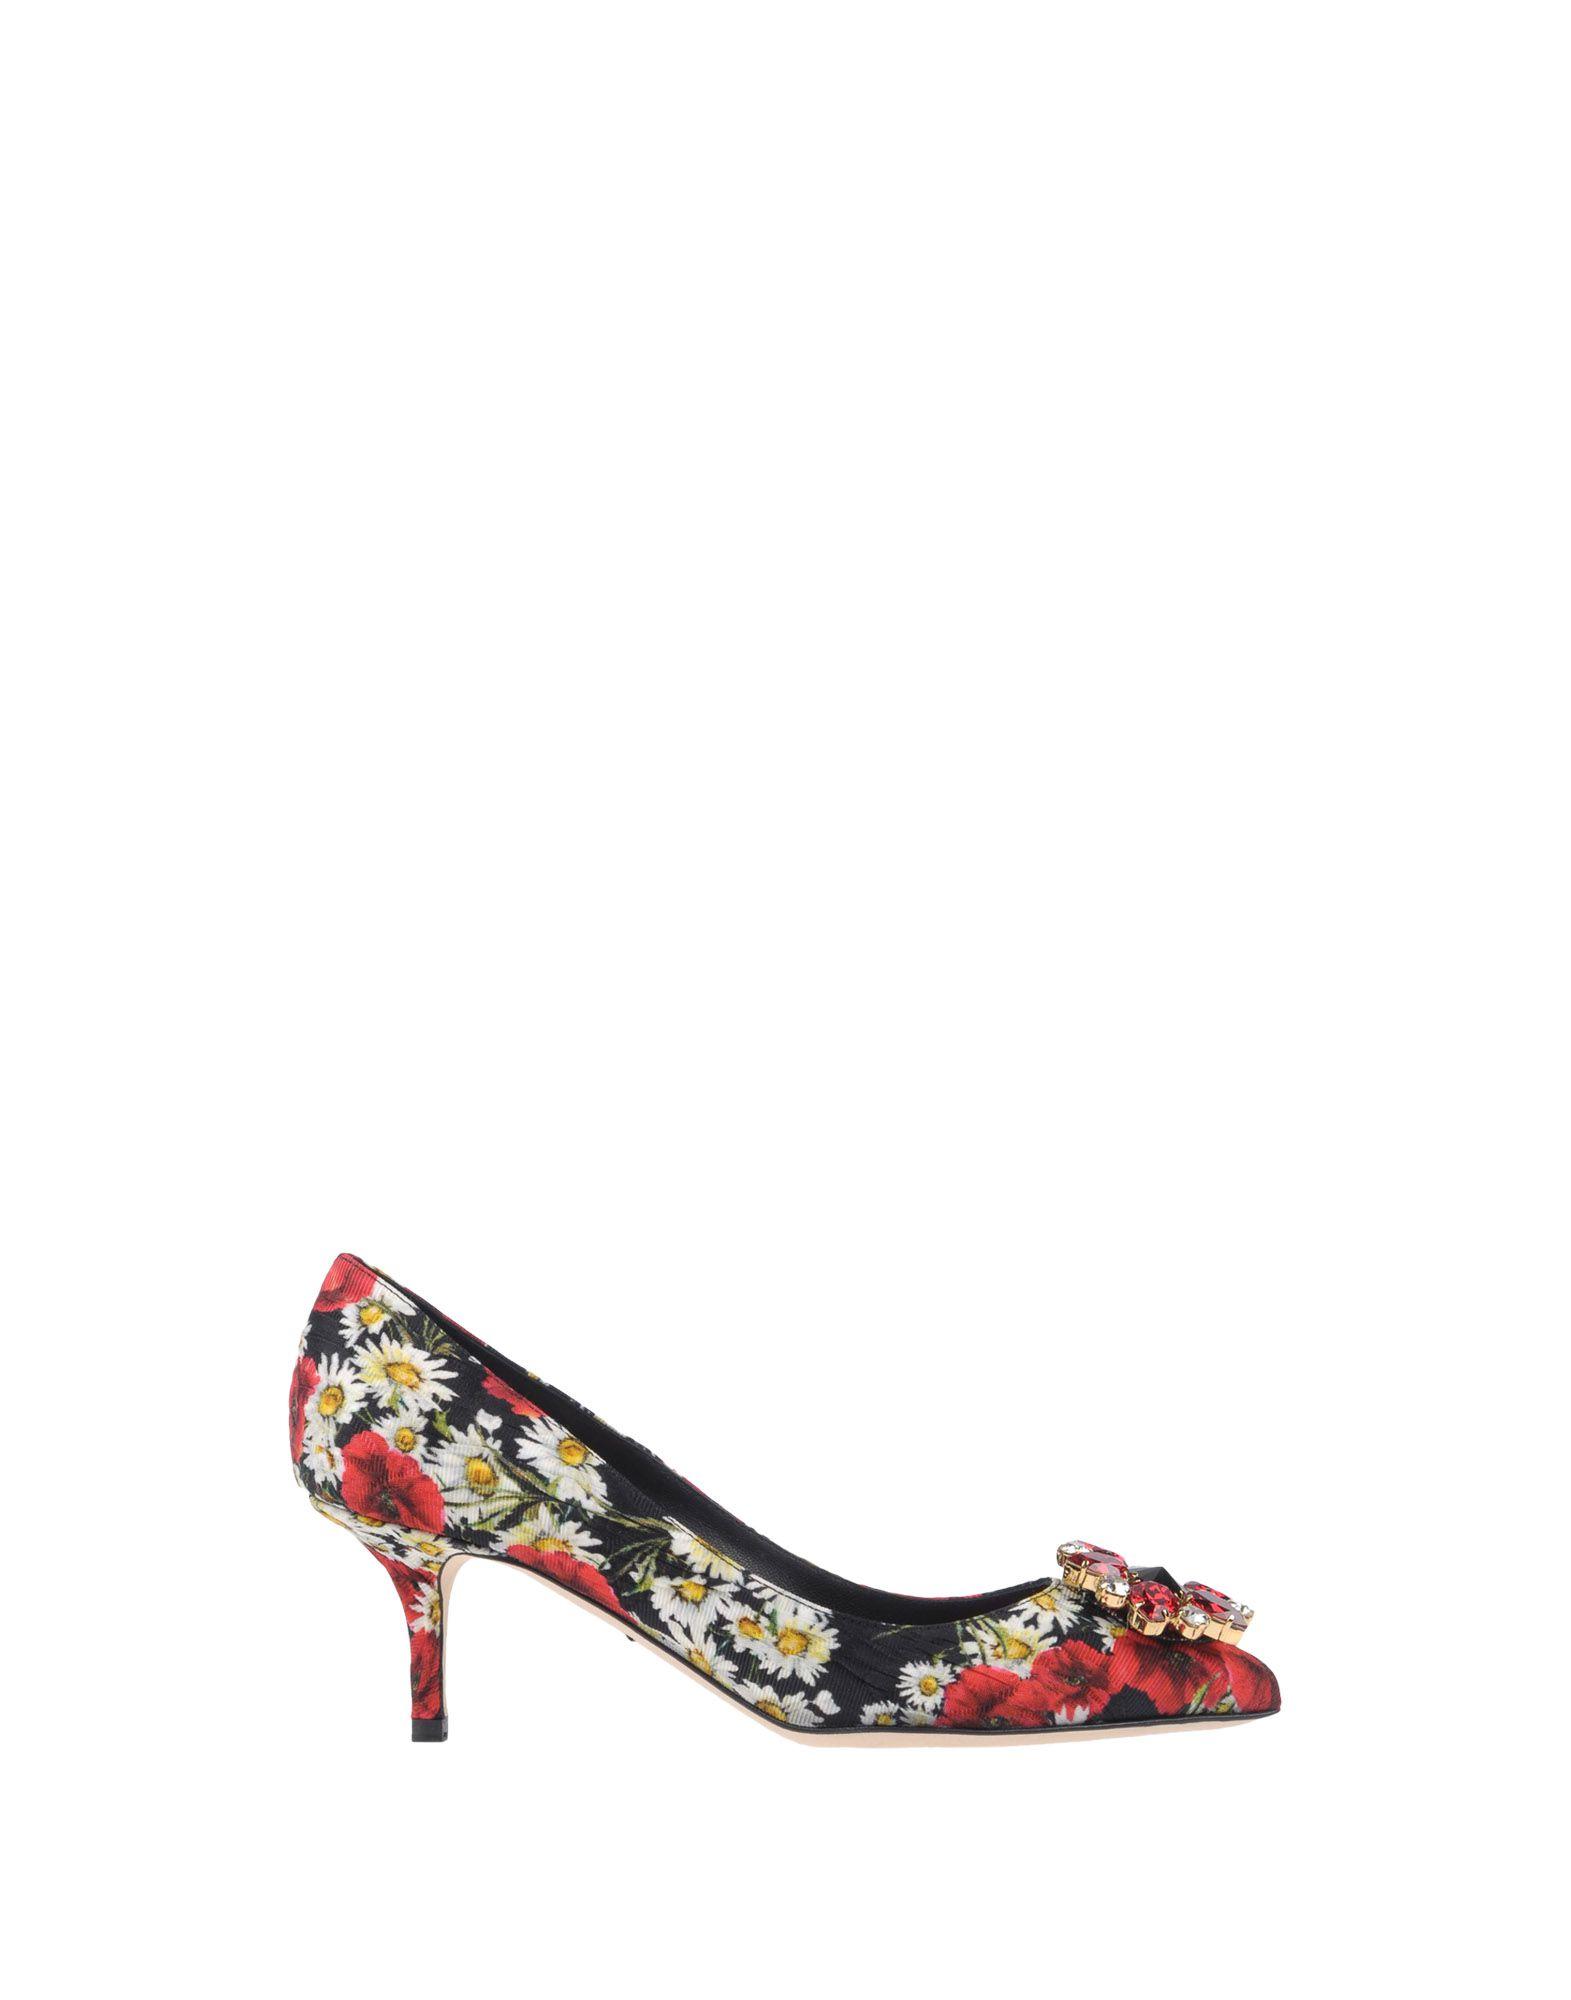 Dolce & Gabbana Pumps Damen Damen Damen  11159775VA Neue Schuhe 1ee2c3